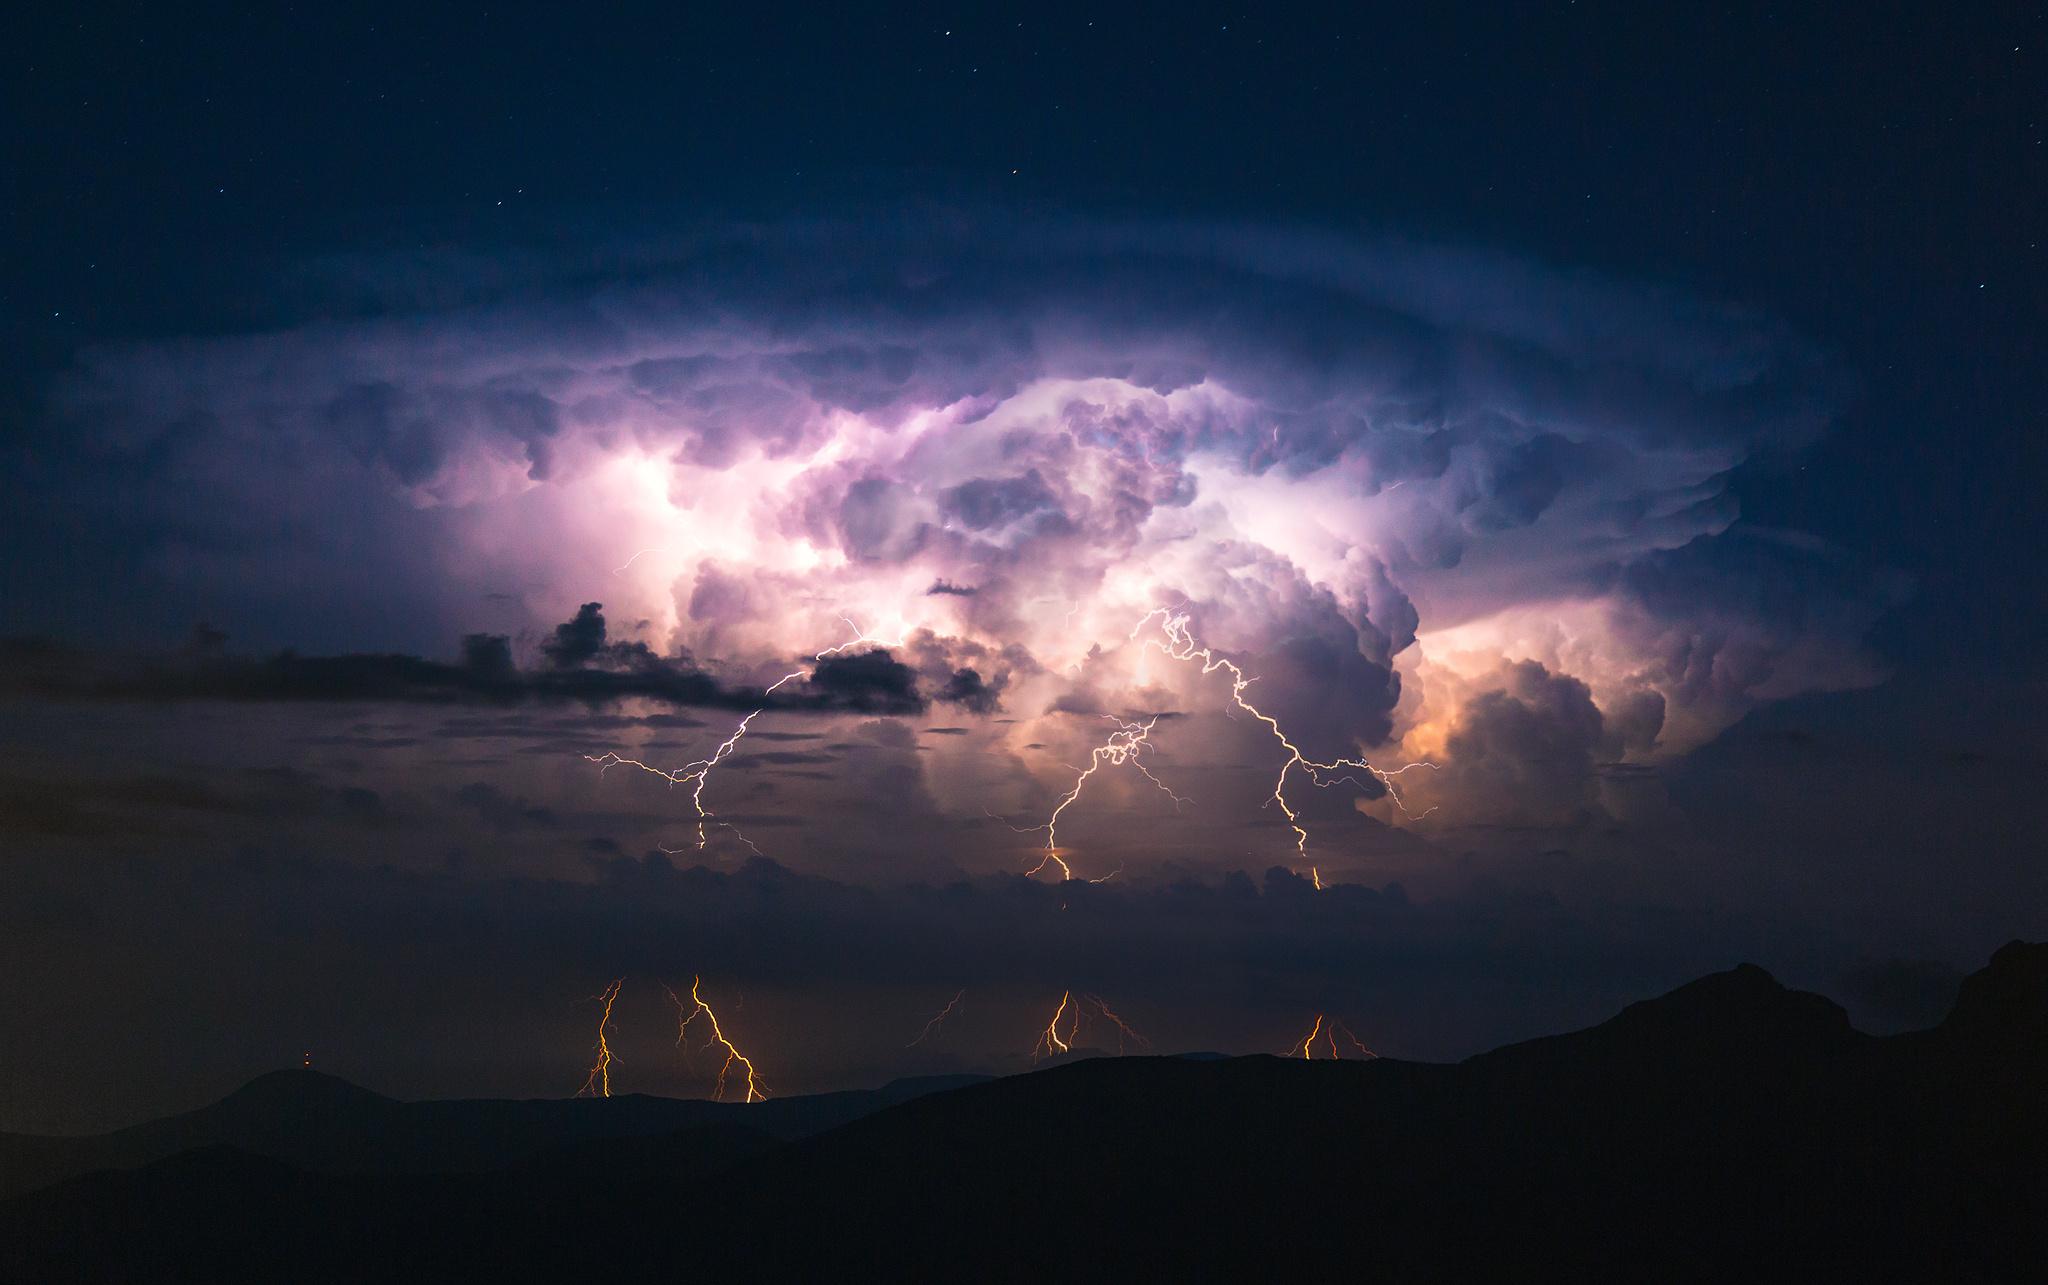 На Закарпатті блискавка вдарила біля групи людей: є травмовані